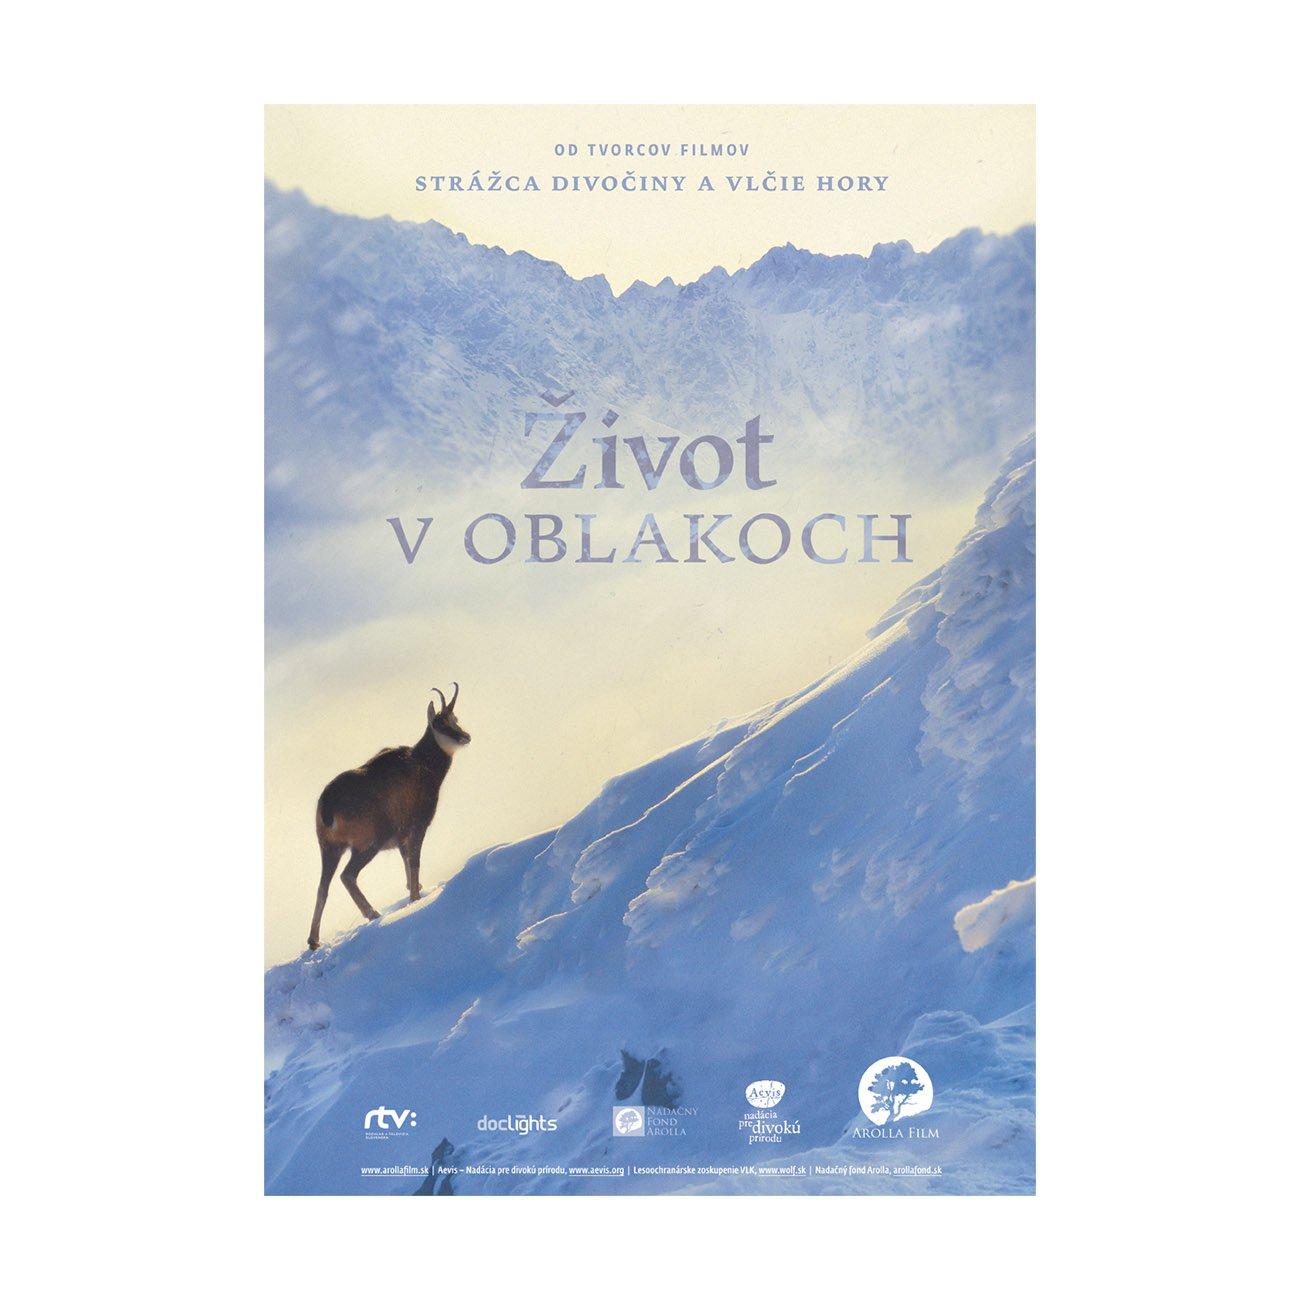 BLU-RAY Life in the Clouds (Slovak version) (Život v oblakoch)